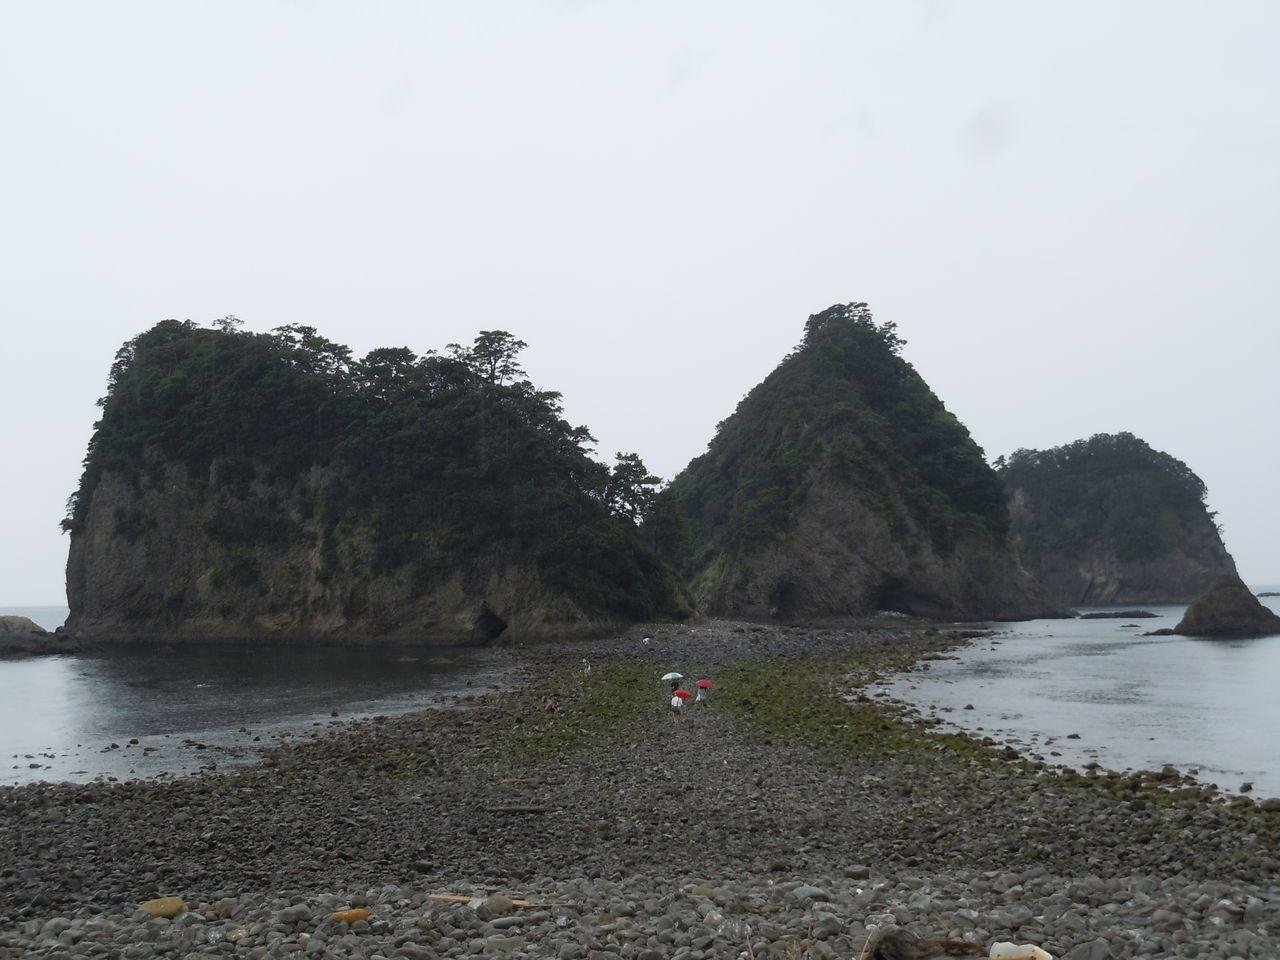 別名を持つ「象島」は全国的に珍しい!摩訶不思議な「トンボロ現象」が出現